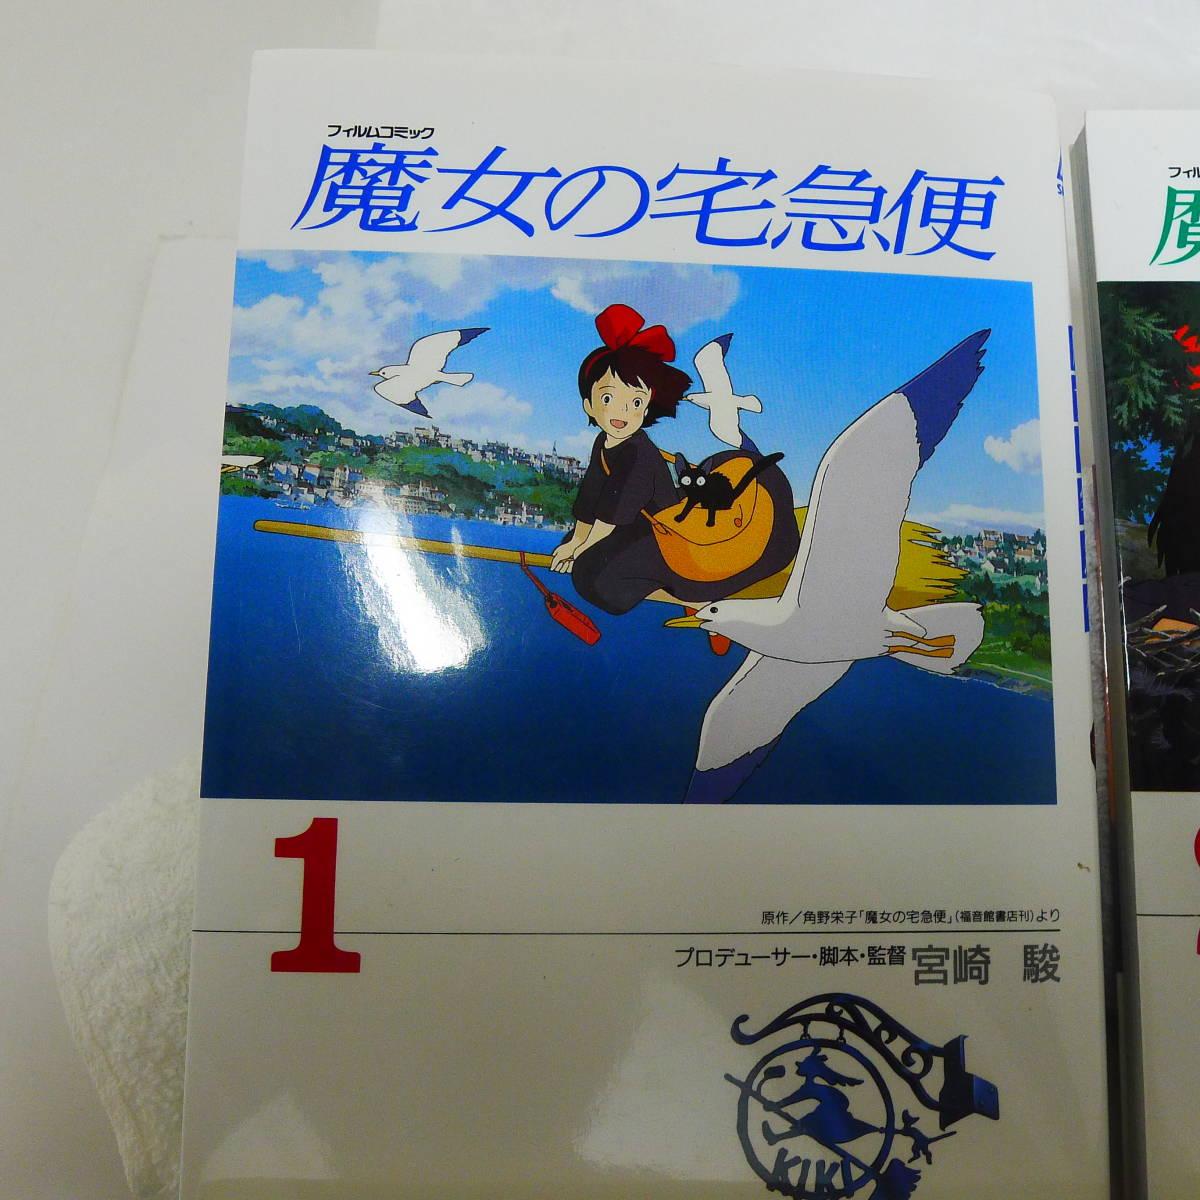 魔女の宅急便 宮崎駿 アニメージュ・コミックス・スペシャル 全巻セット_画像2